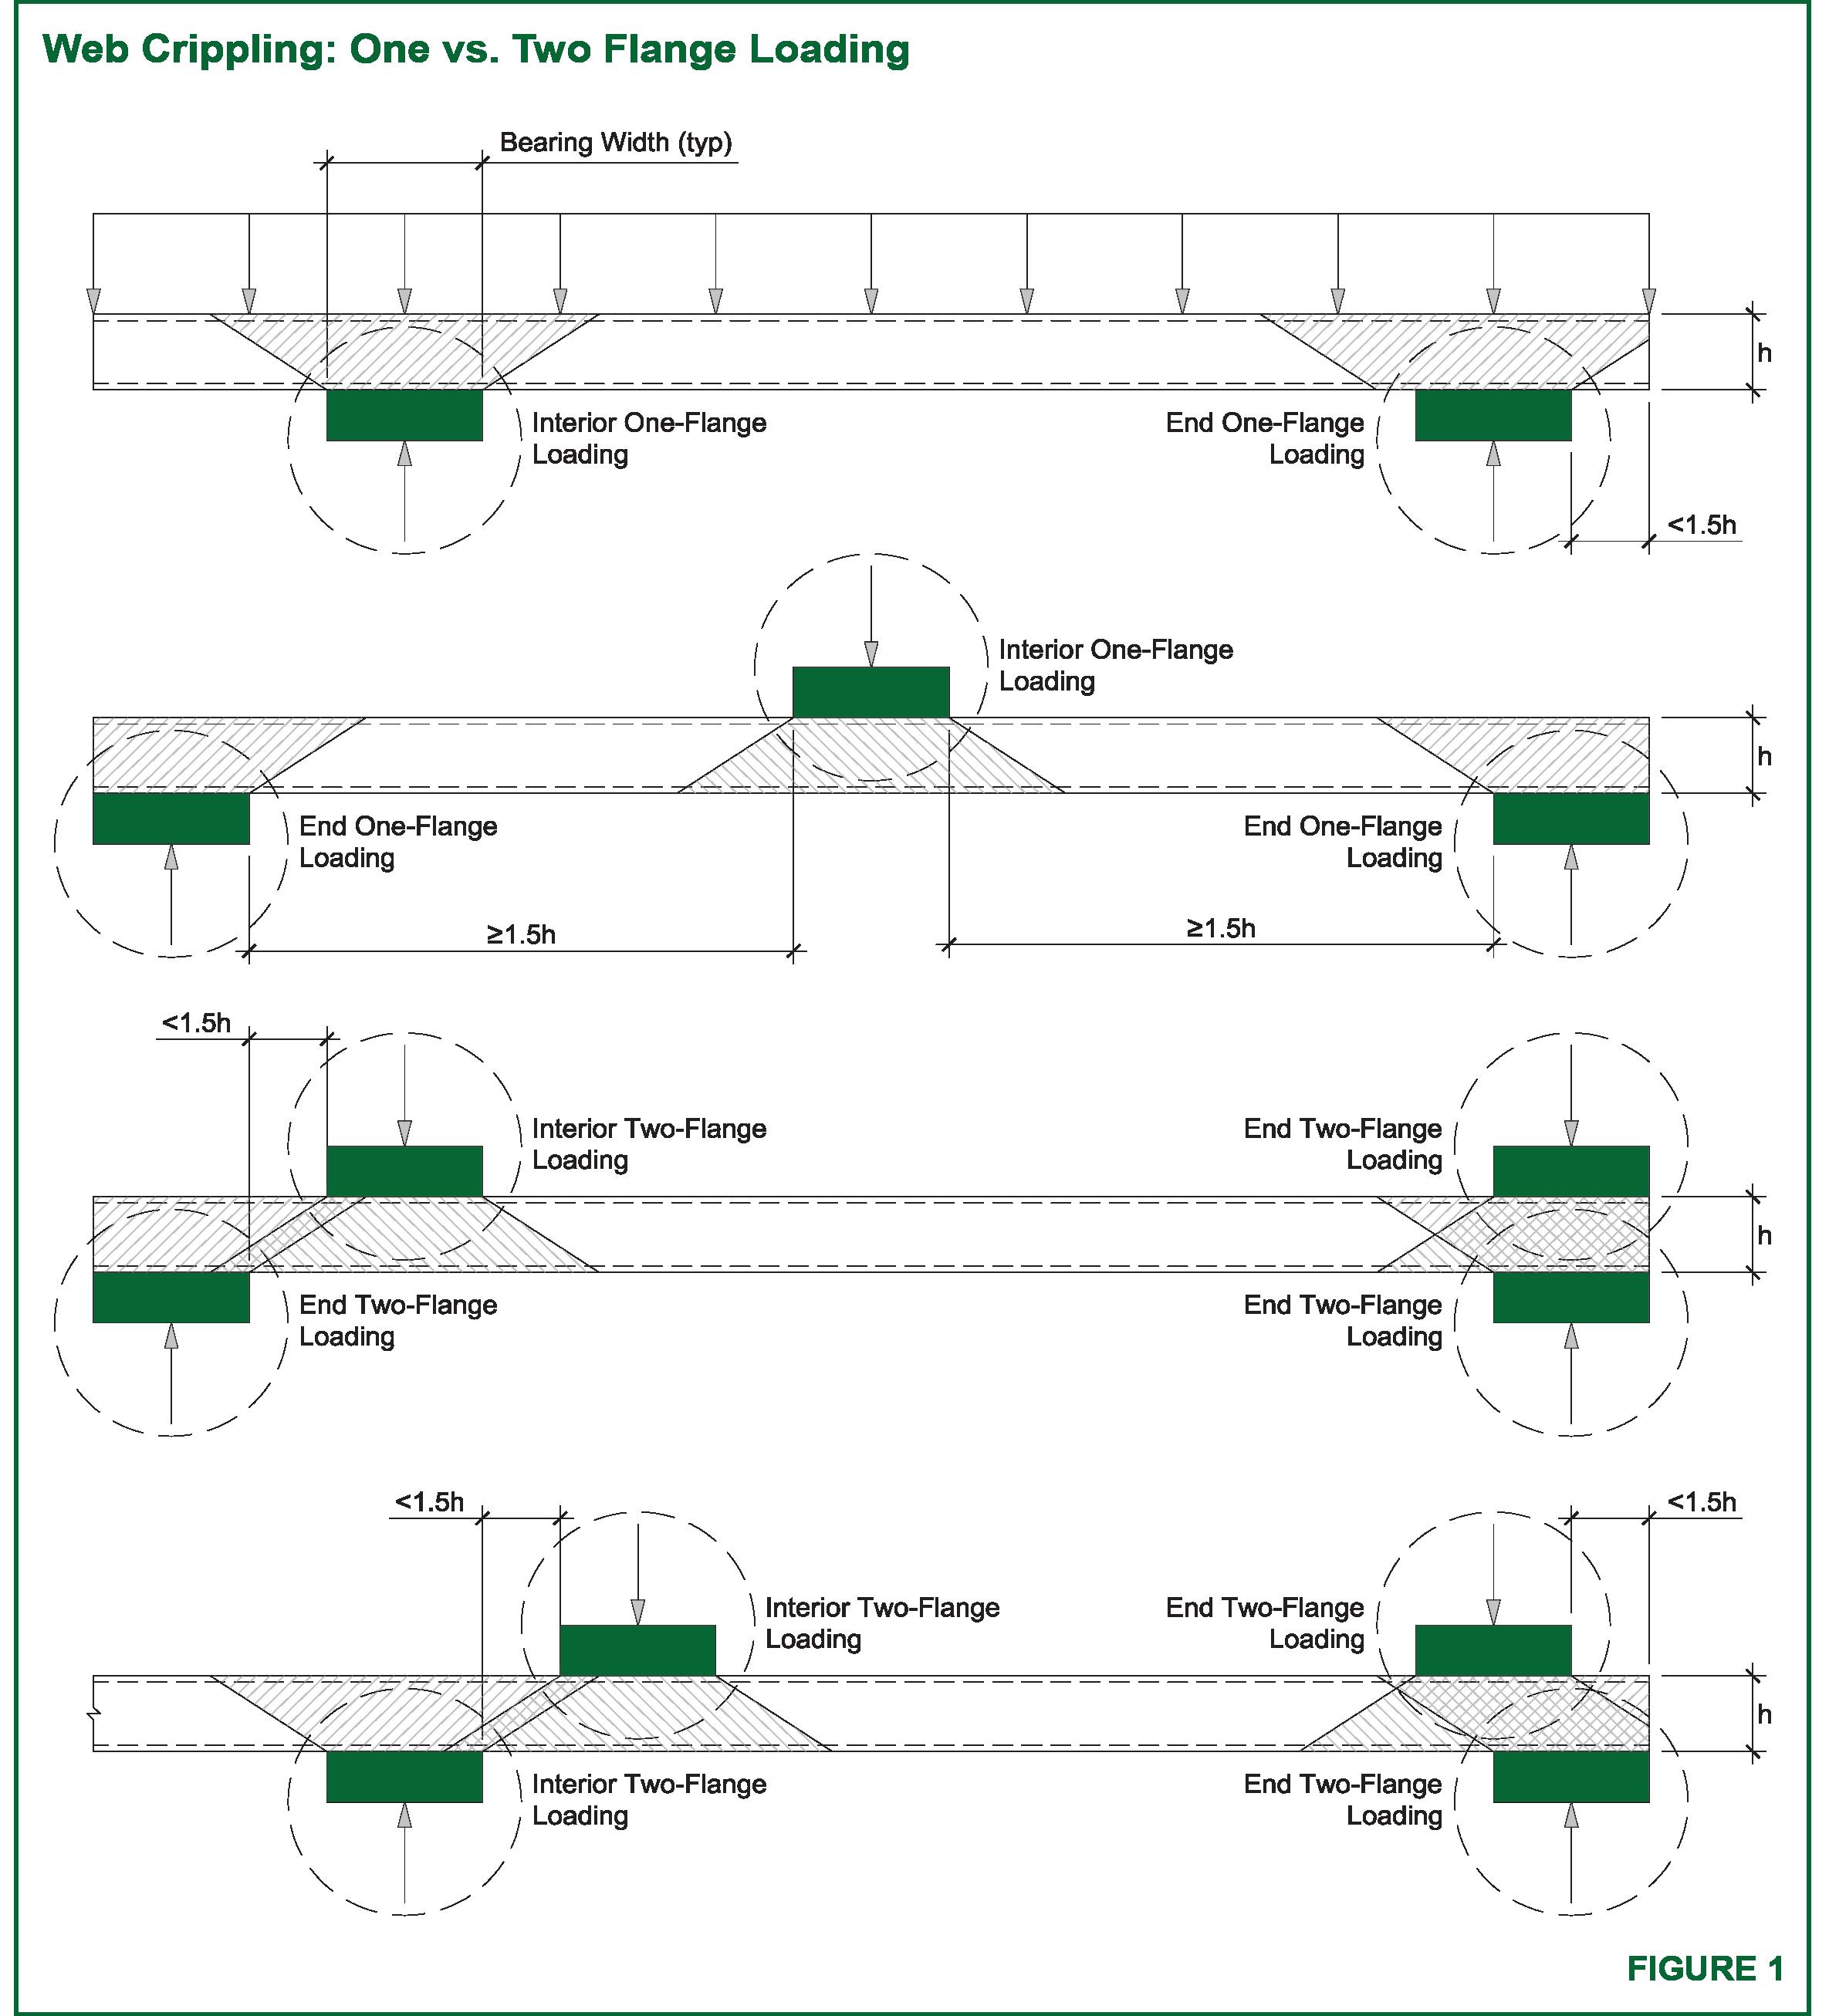 1 vs 2 Flange Webcrippling